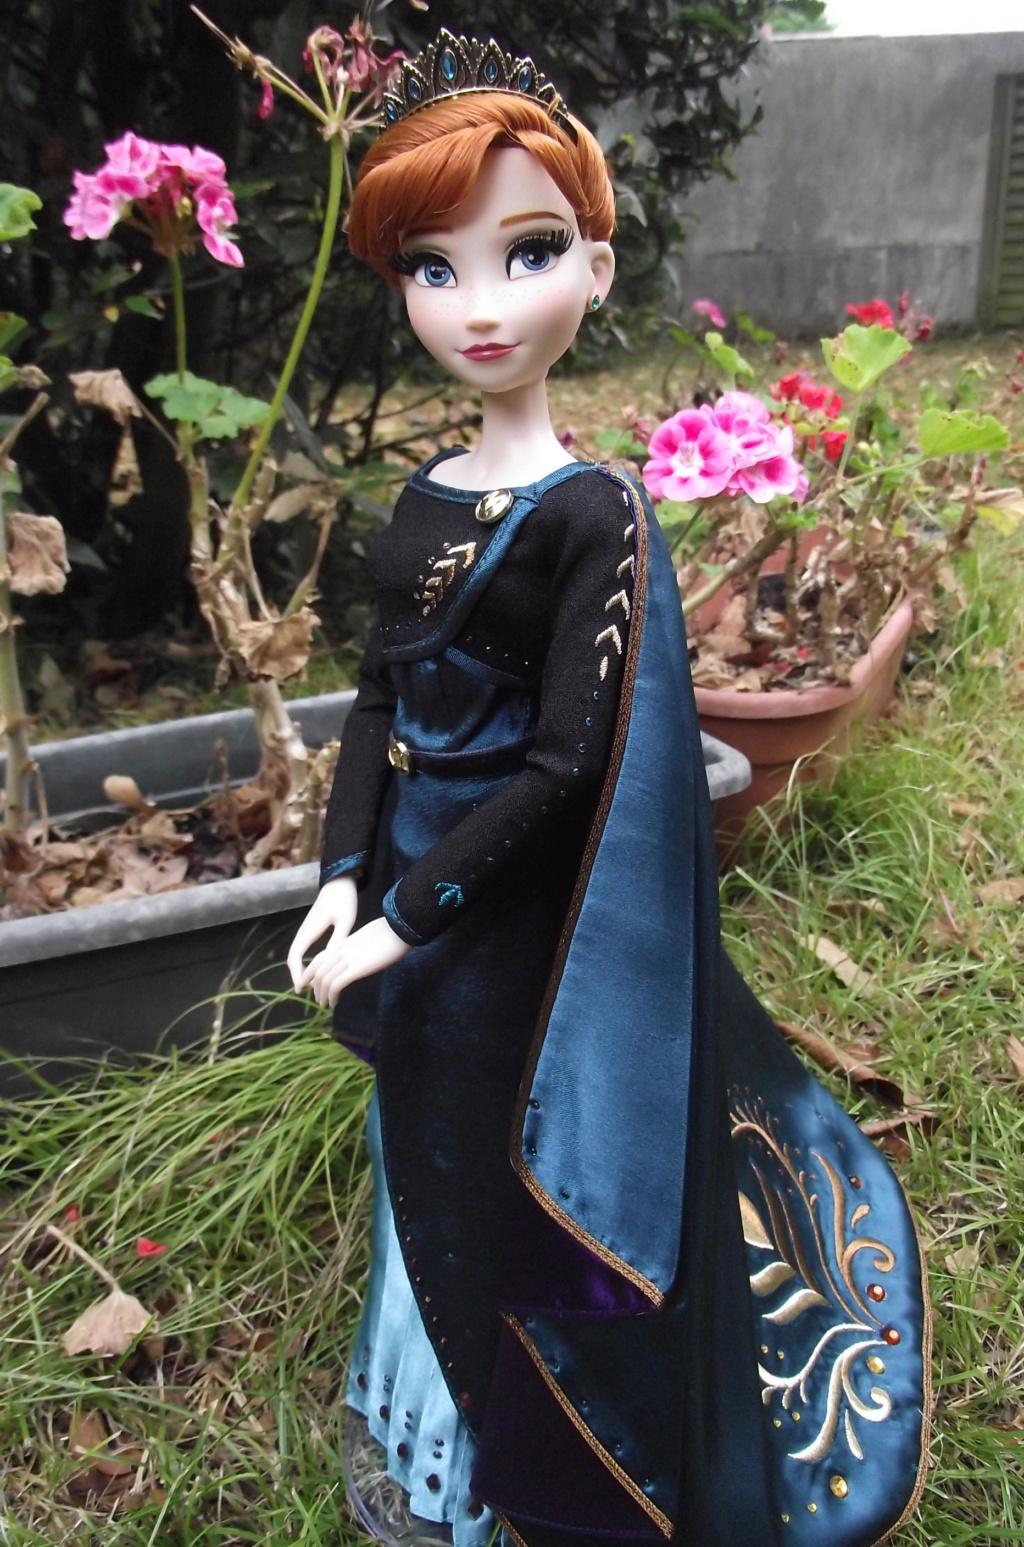 Nos poupées LE en photo : Pour le plaisir de partager - Page 27 Dscf3412